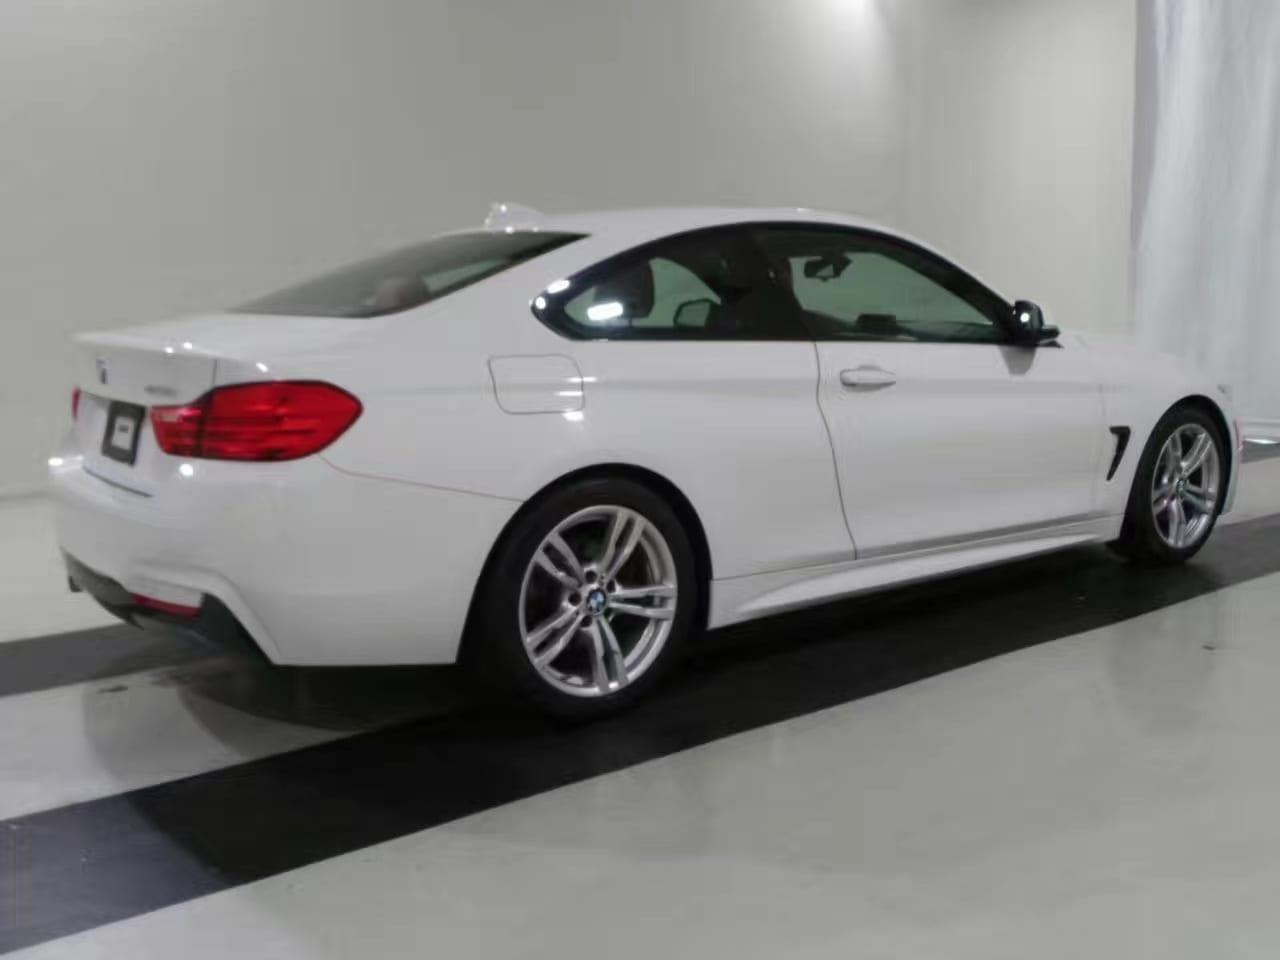 时下最美丽的白外红内配色,2014 BMW 428ix M套件,里程:24k,价格 打头。车况一流欢迎选购。